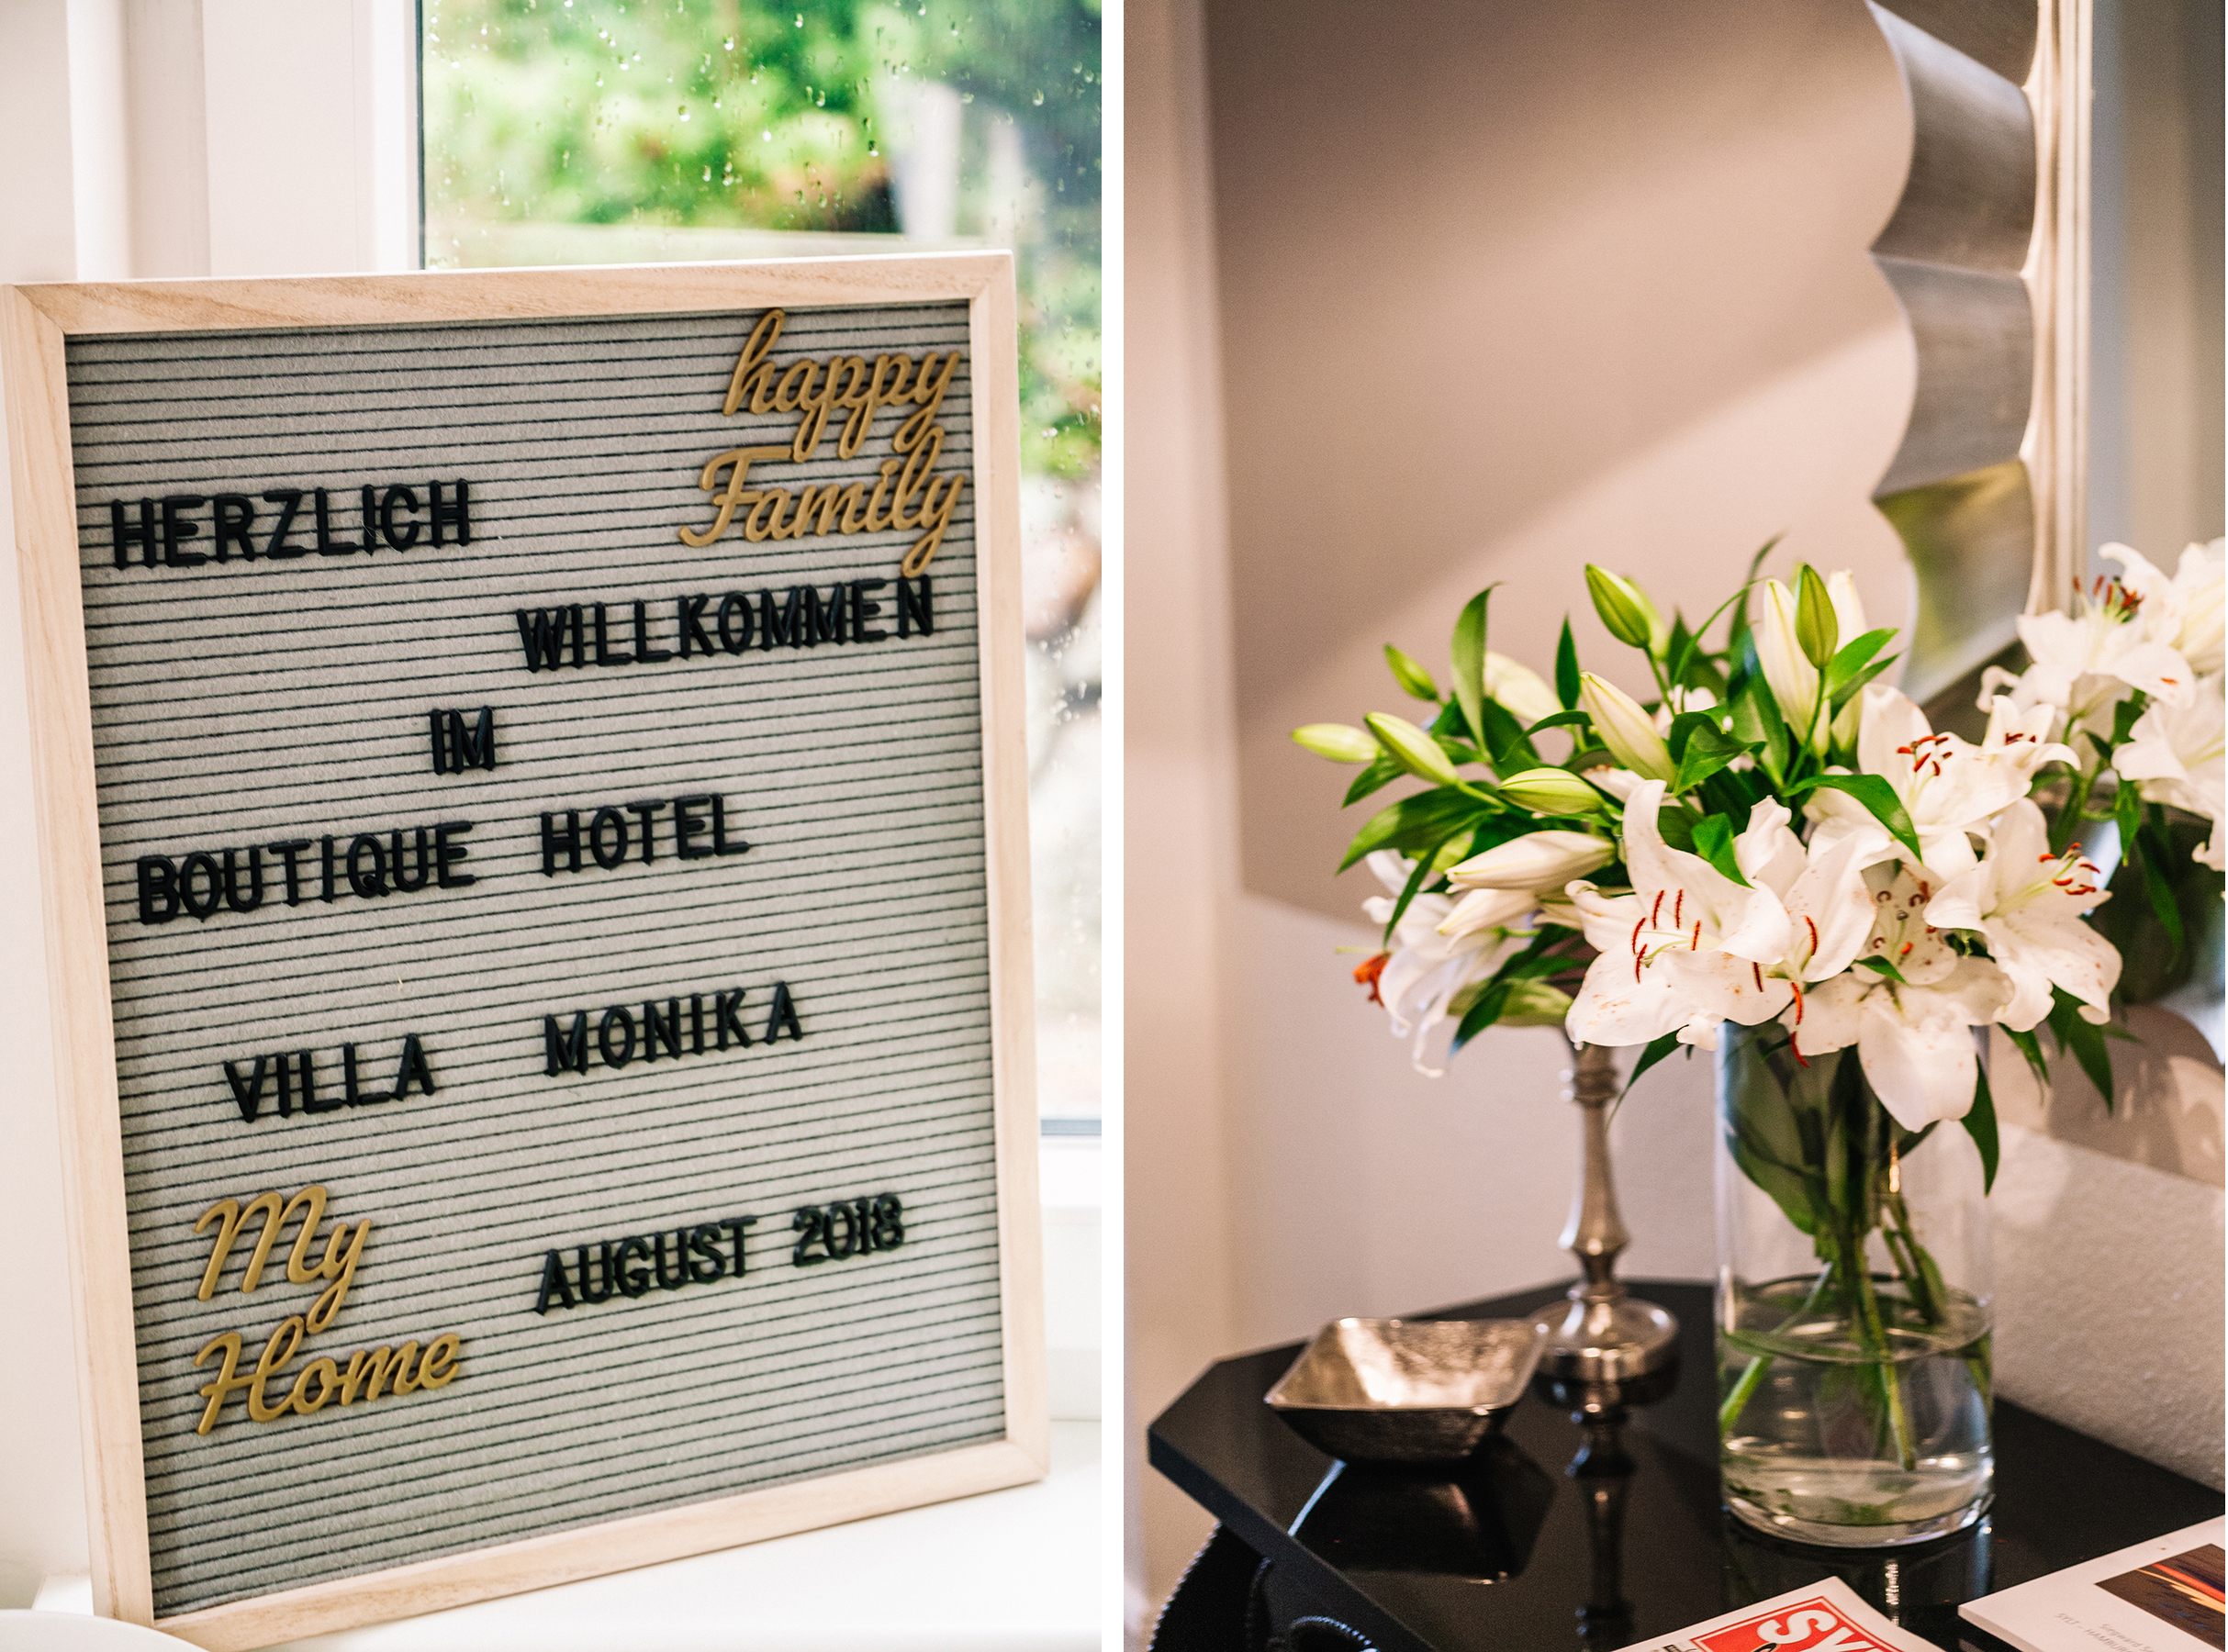 Das neue Boutique Hotel Villa Monika in Westerland auf Sylt ist ein echter Geheimtipp. Persönlicher Service trifft auf individuelles Design und Strandlage.